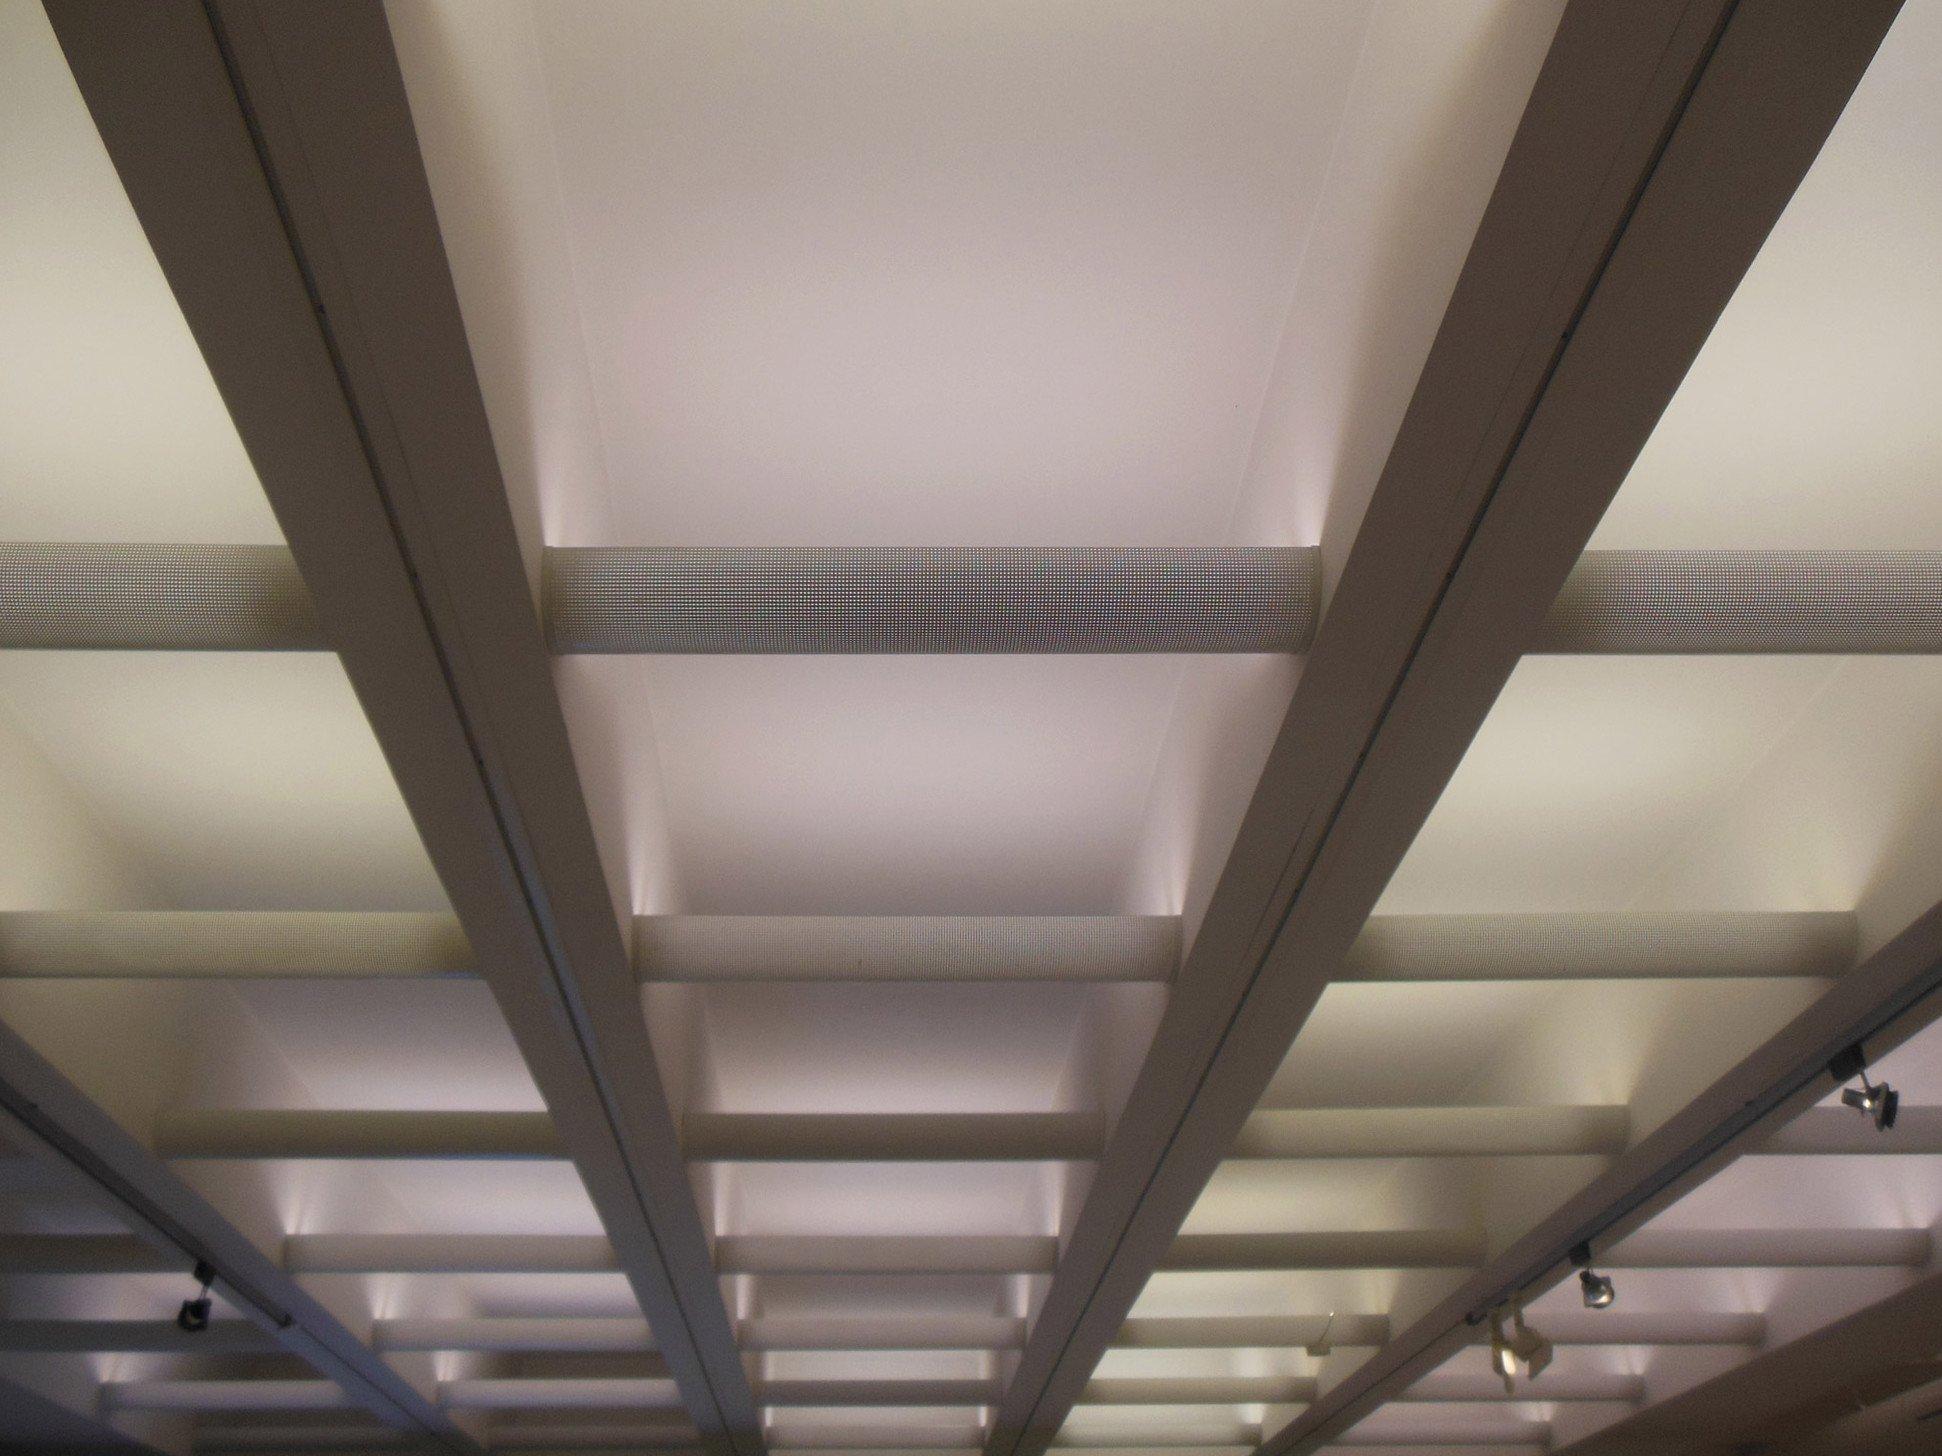 Full Size of Indirekte Beleuchtung Decke Licht Beleuchtungsarten Baunetz Wissen Deckenleuchte Schlafzimmer Wohnzimmer Decken Im Bad Deckenlampe Tagesdecken Für Betten Led Wohnzimmer Indirekte Beleuchtung Decke